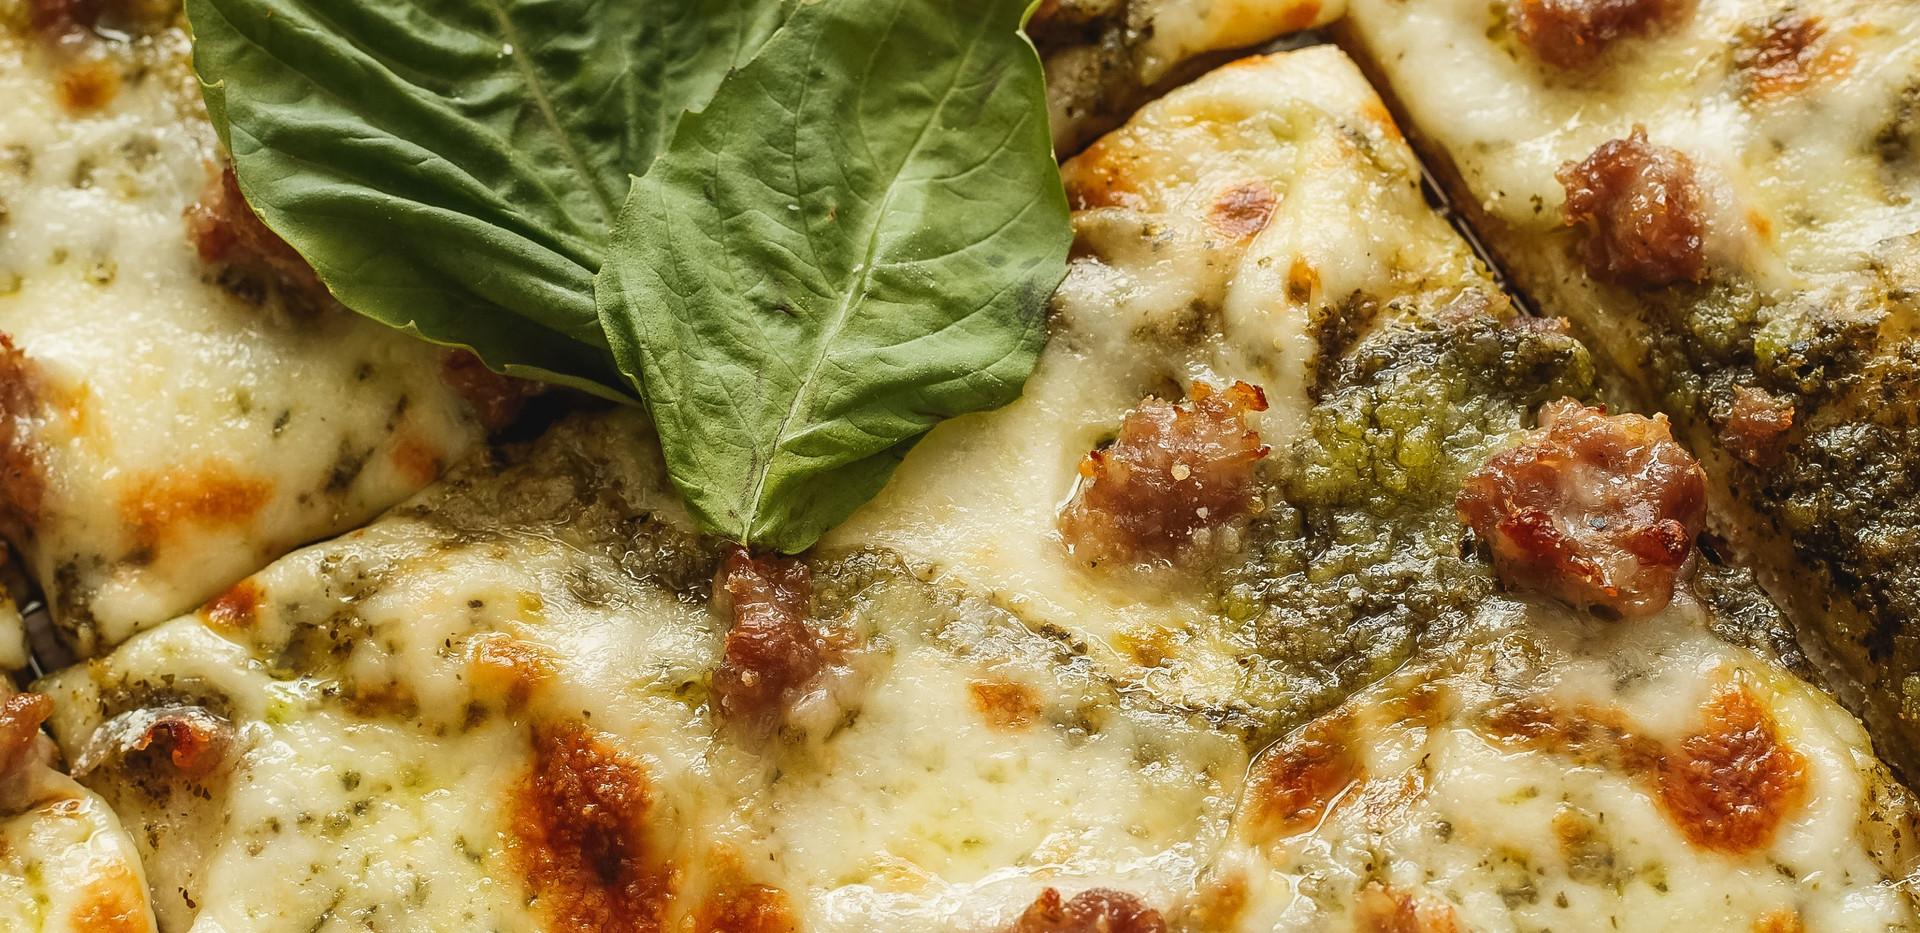 Sausage and Pesto Pizza